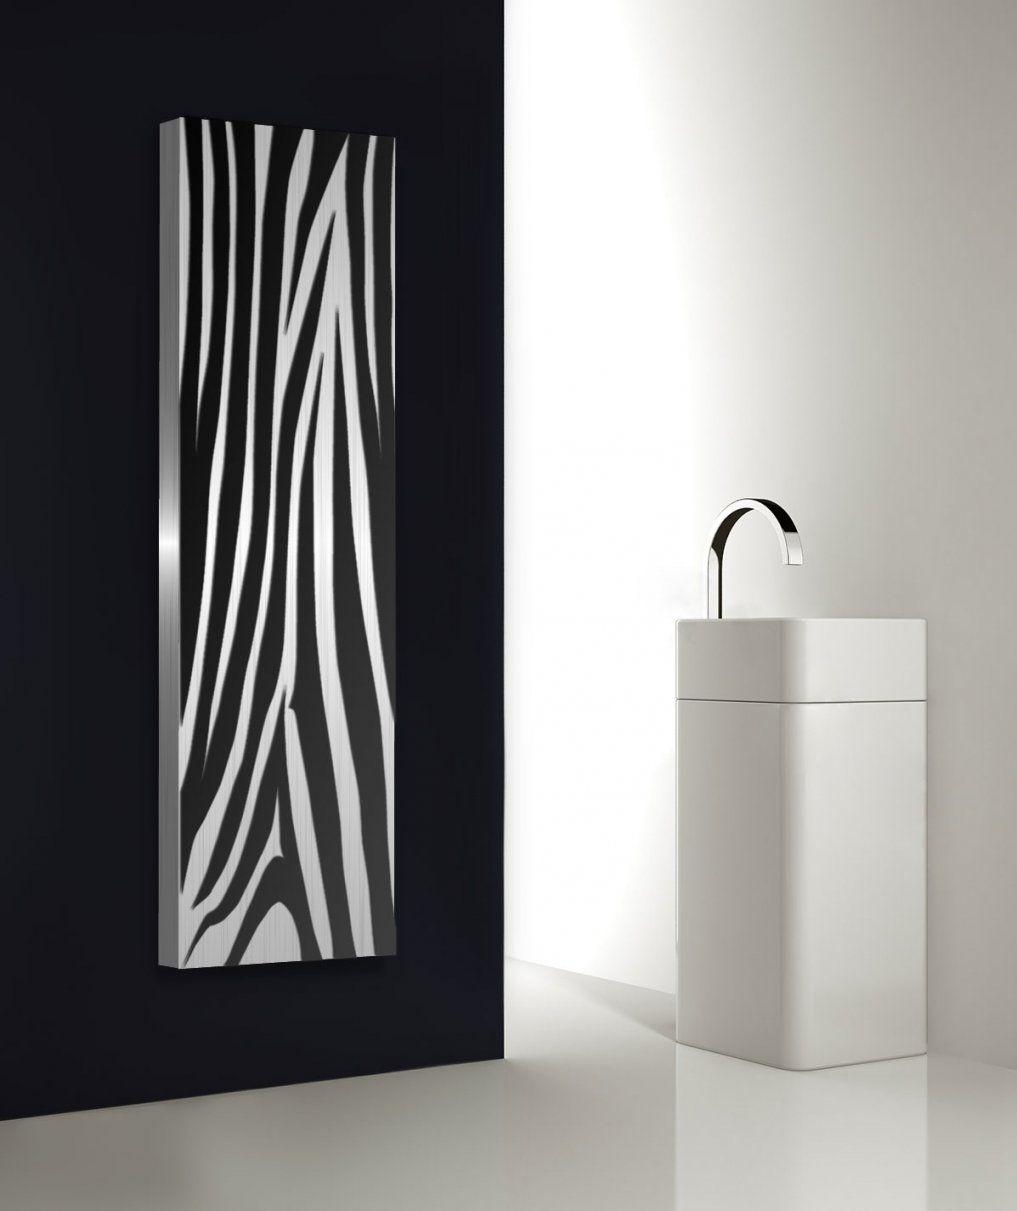 Holzdecke Weiß Streichen Ohne Abschleifen: Schönste Design Heizkörper Vertikal Für Wohnzimmer Und